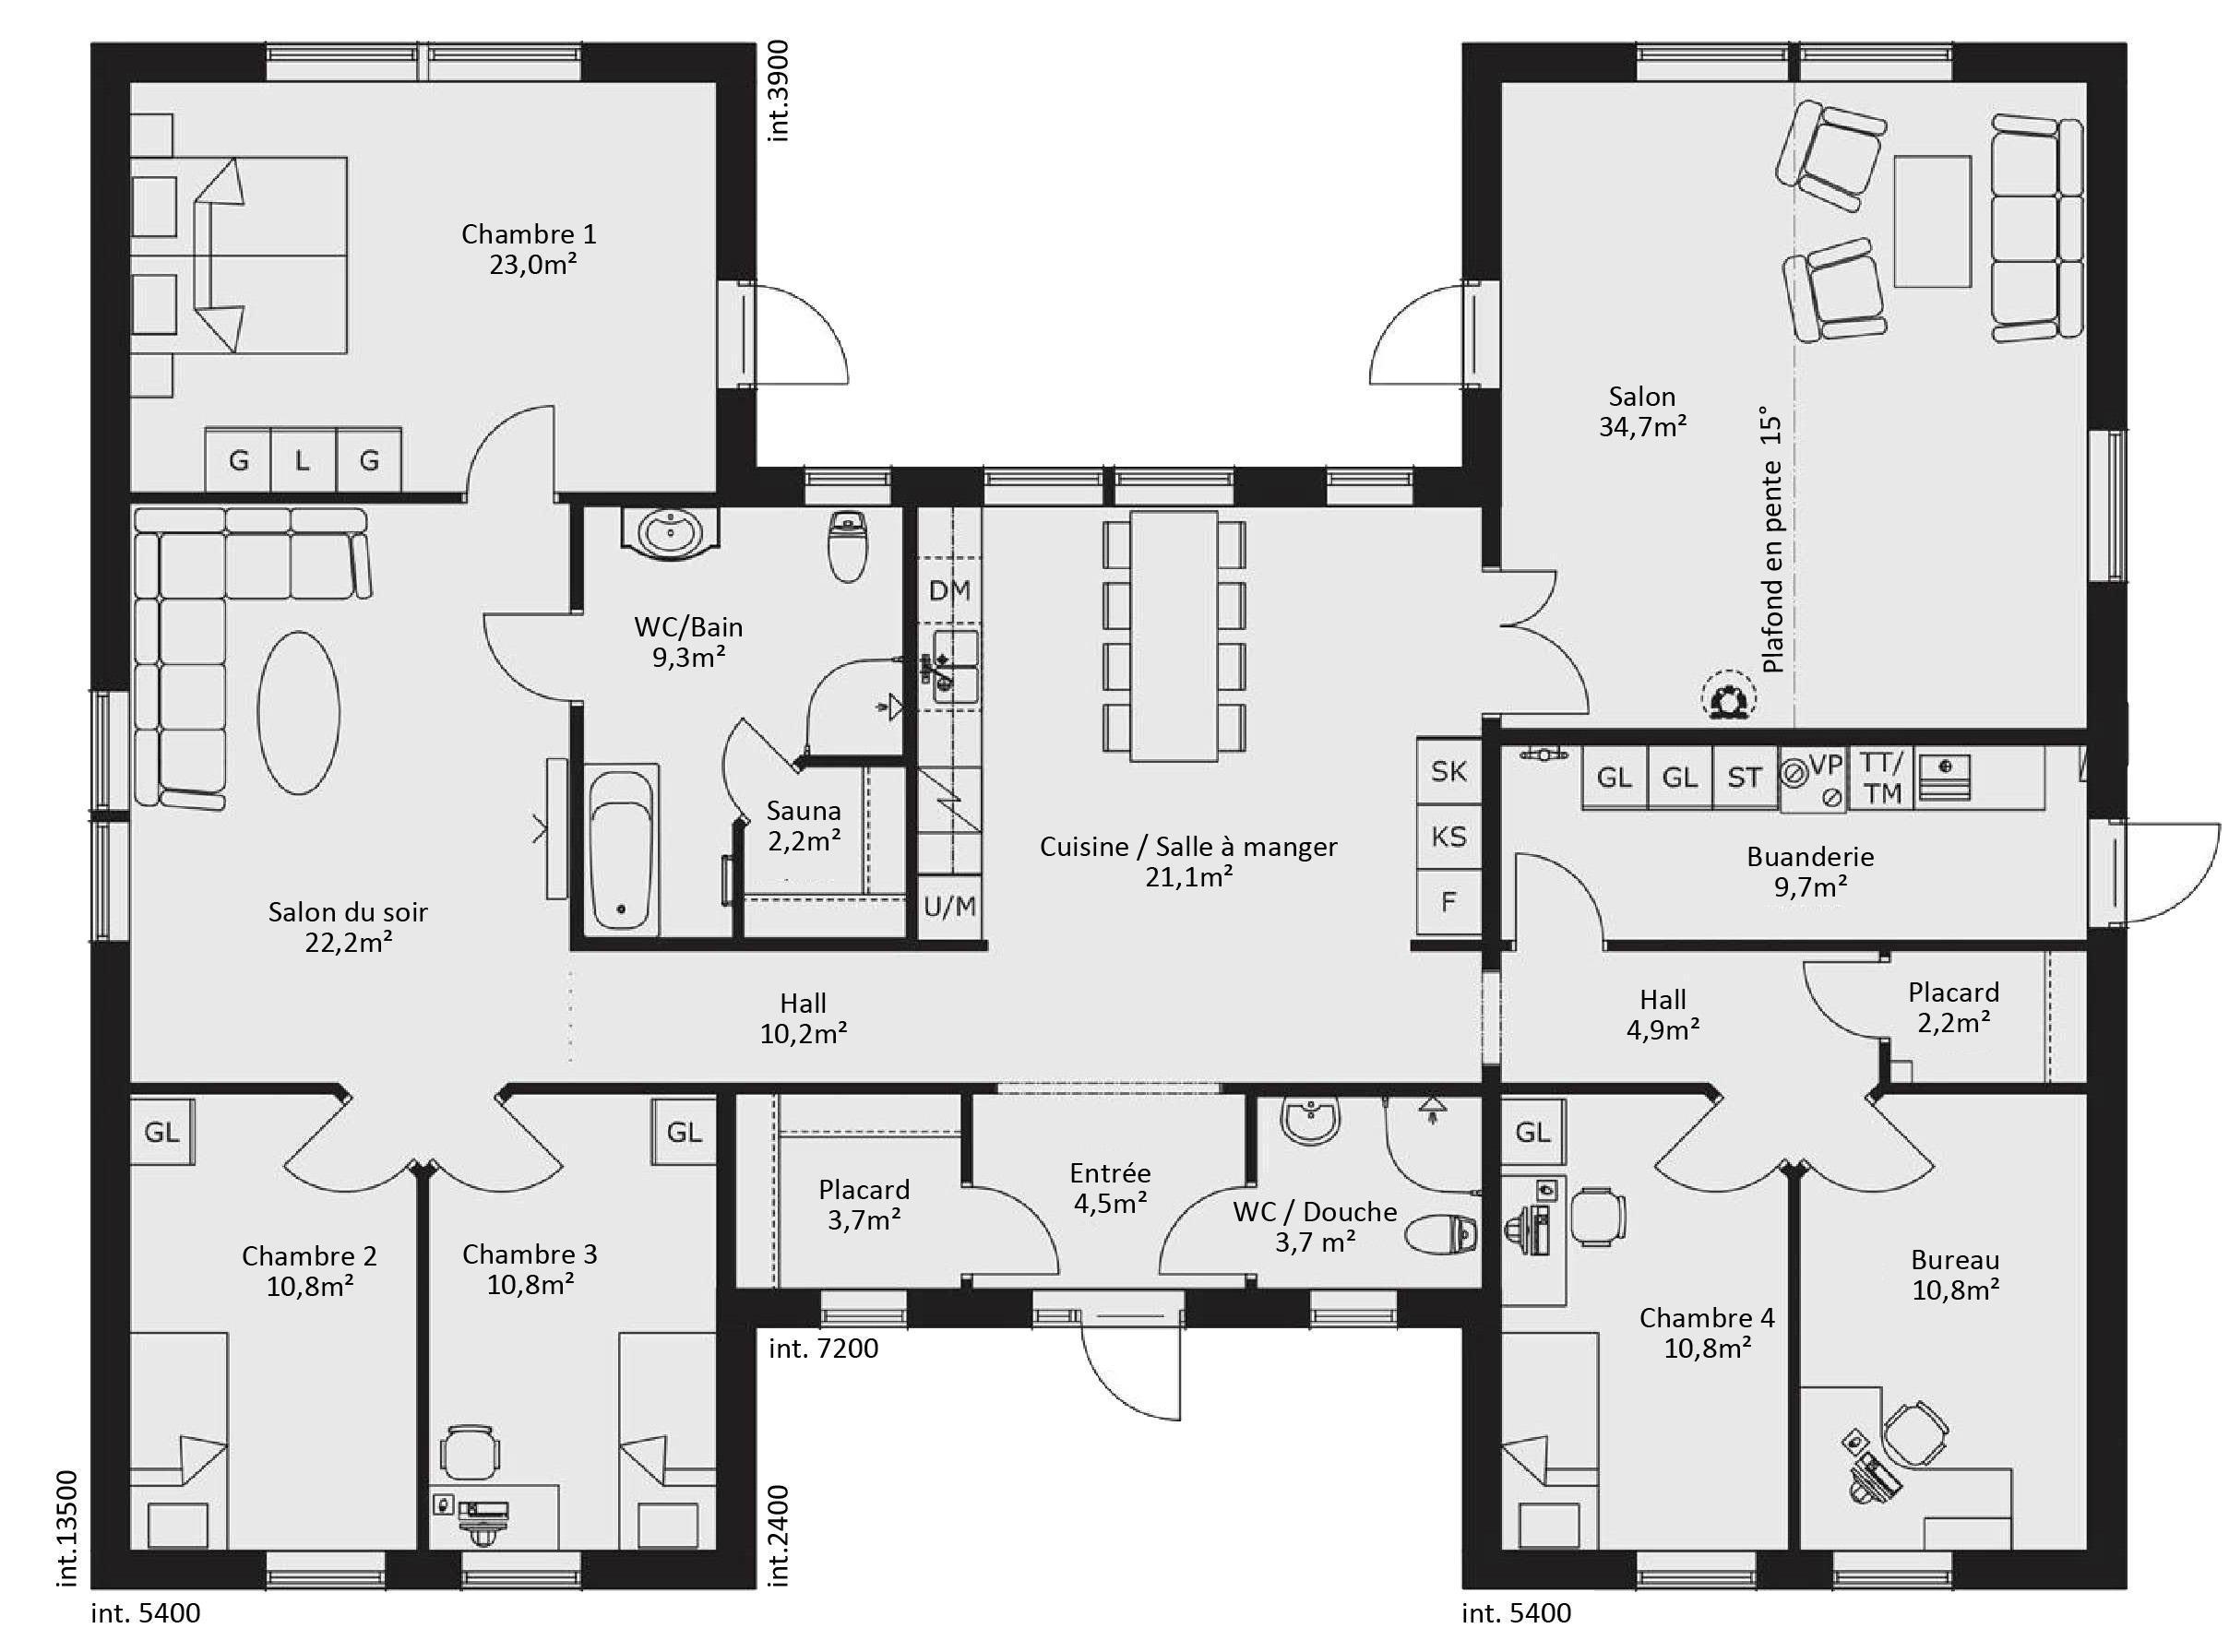 Plan Maison 3d Logiciel Gratuit Pour Dessiner